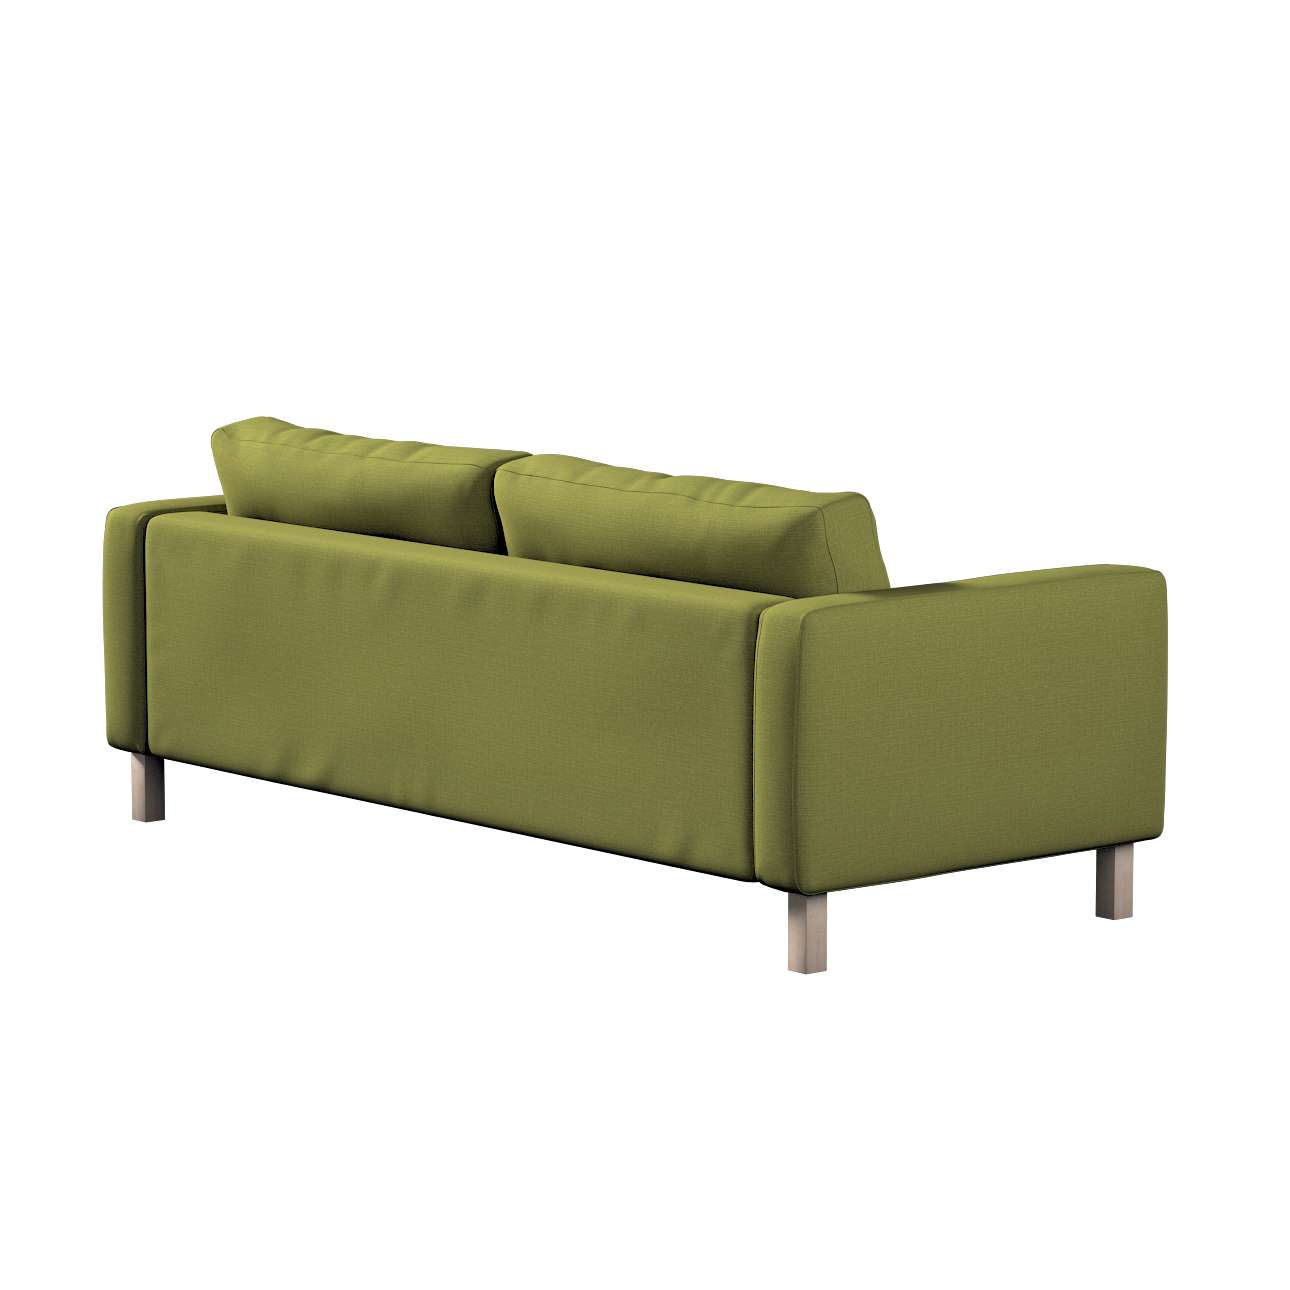 Potah na pohovku IKEA Karlstad, 3-místná, rozkládací v kolekci Living II, látka: 161-13